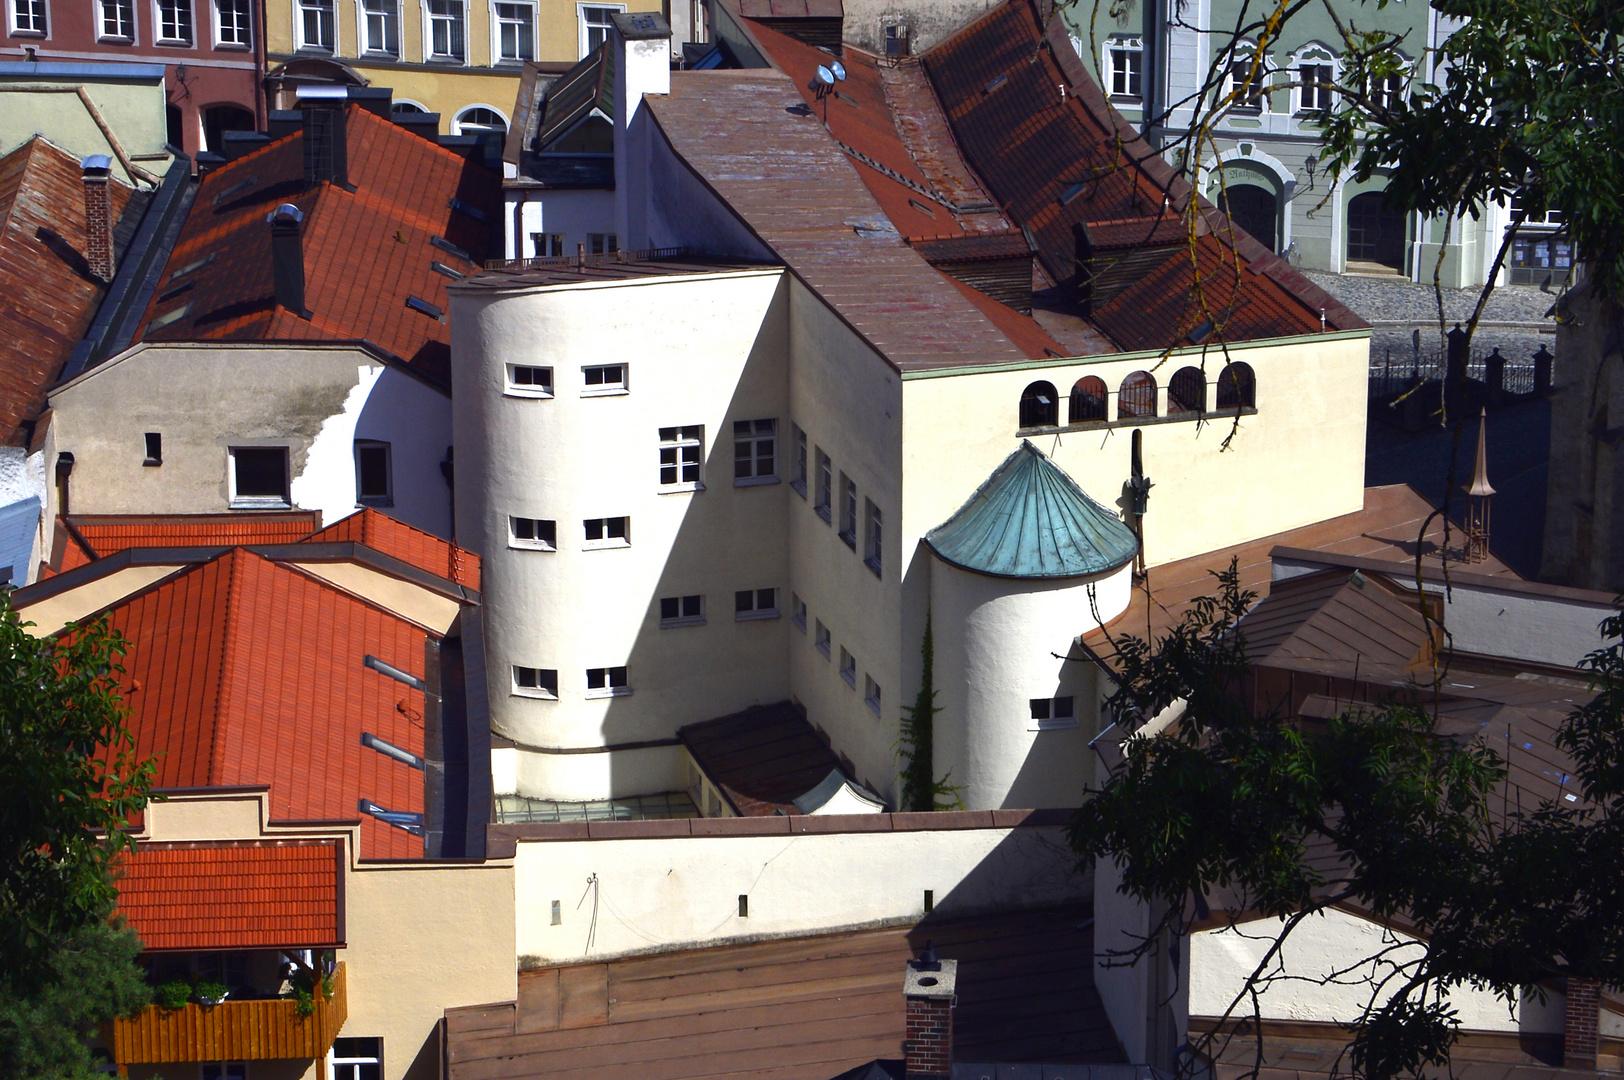 über den Dächern von Burghausen